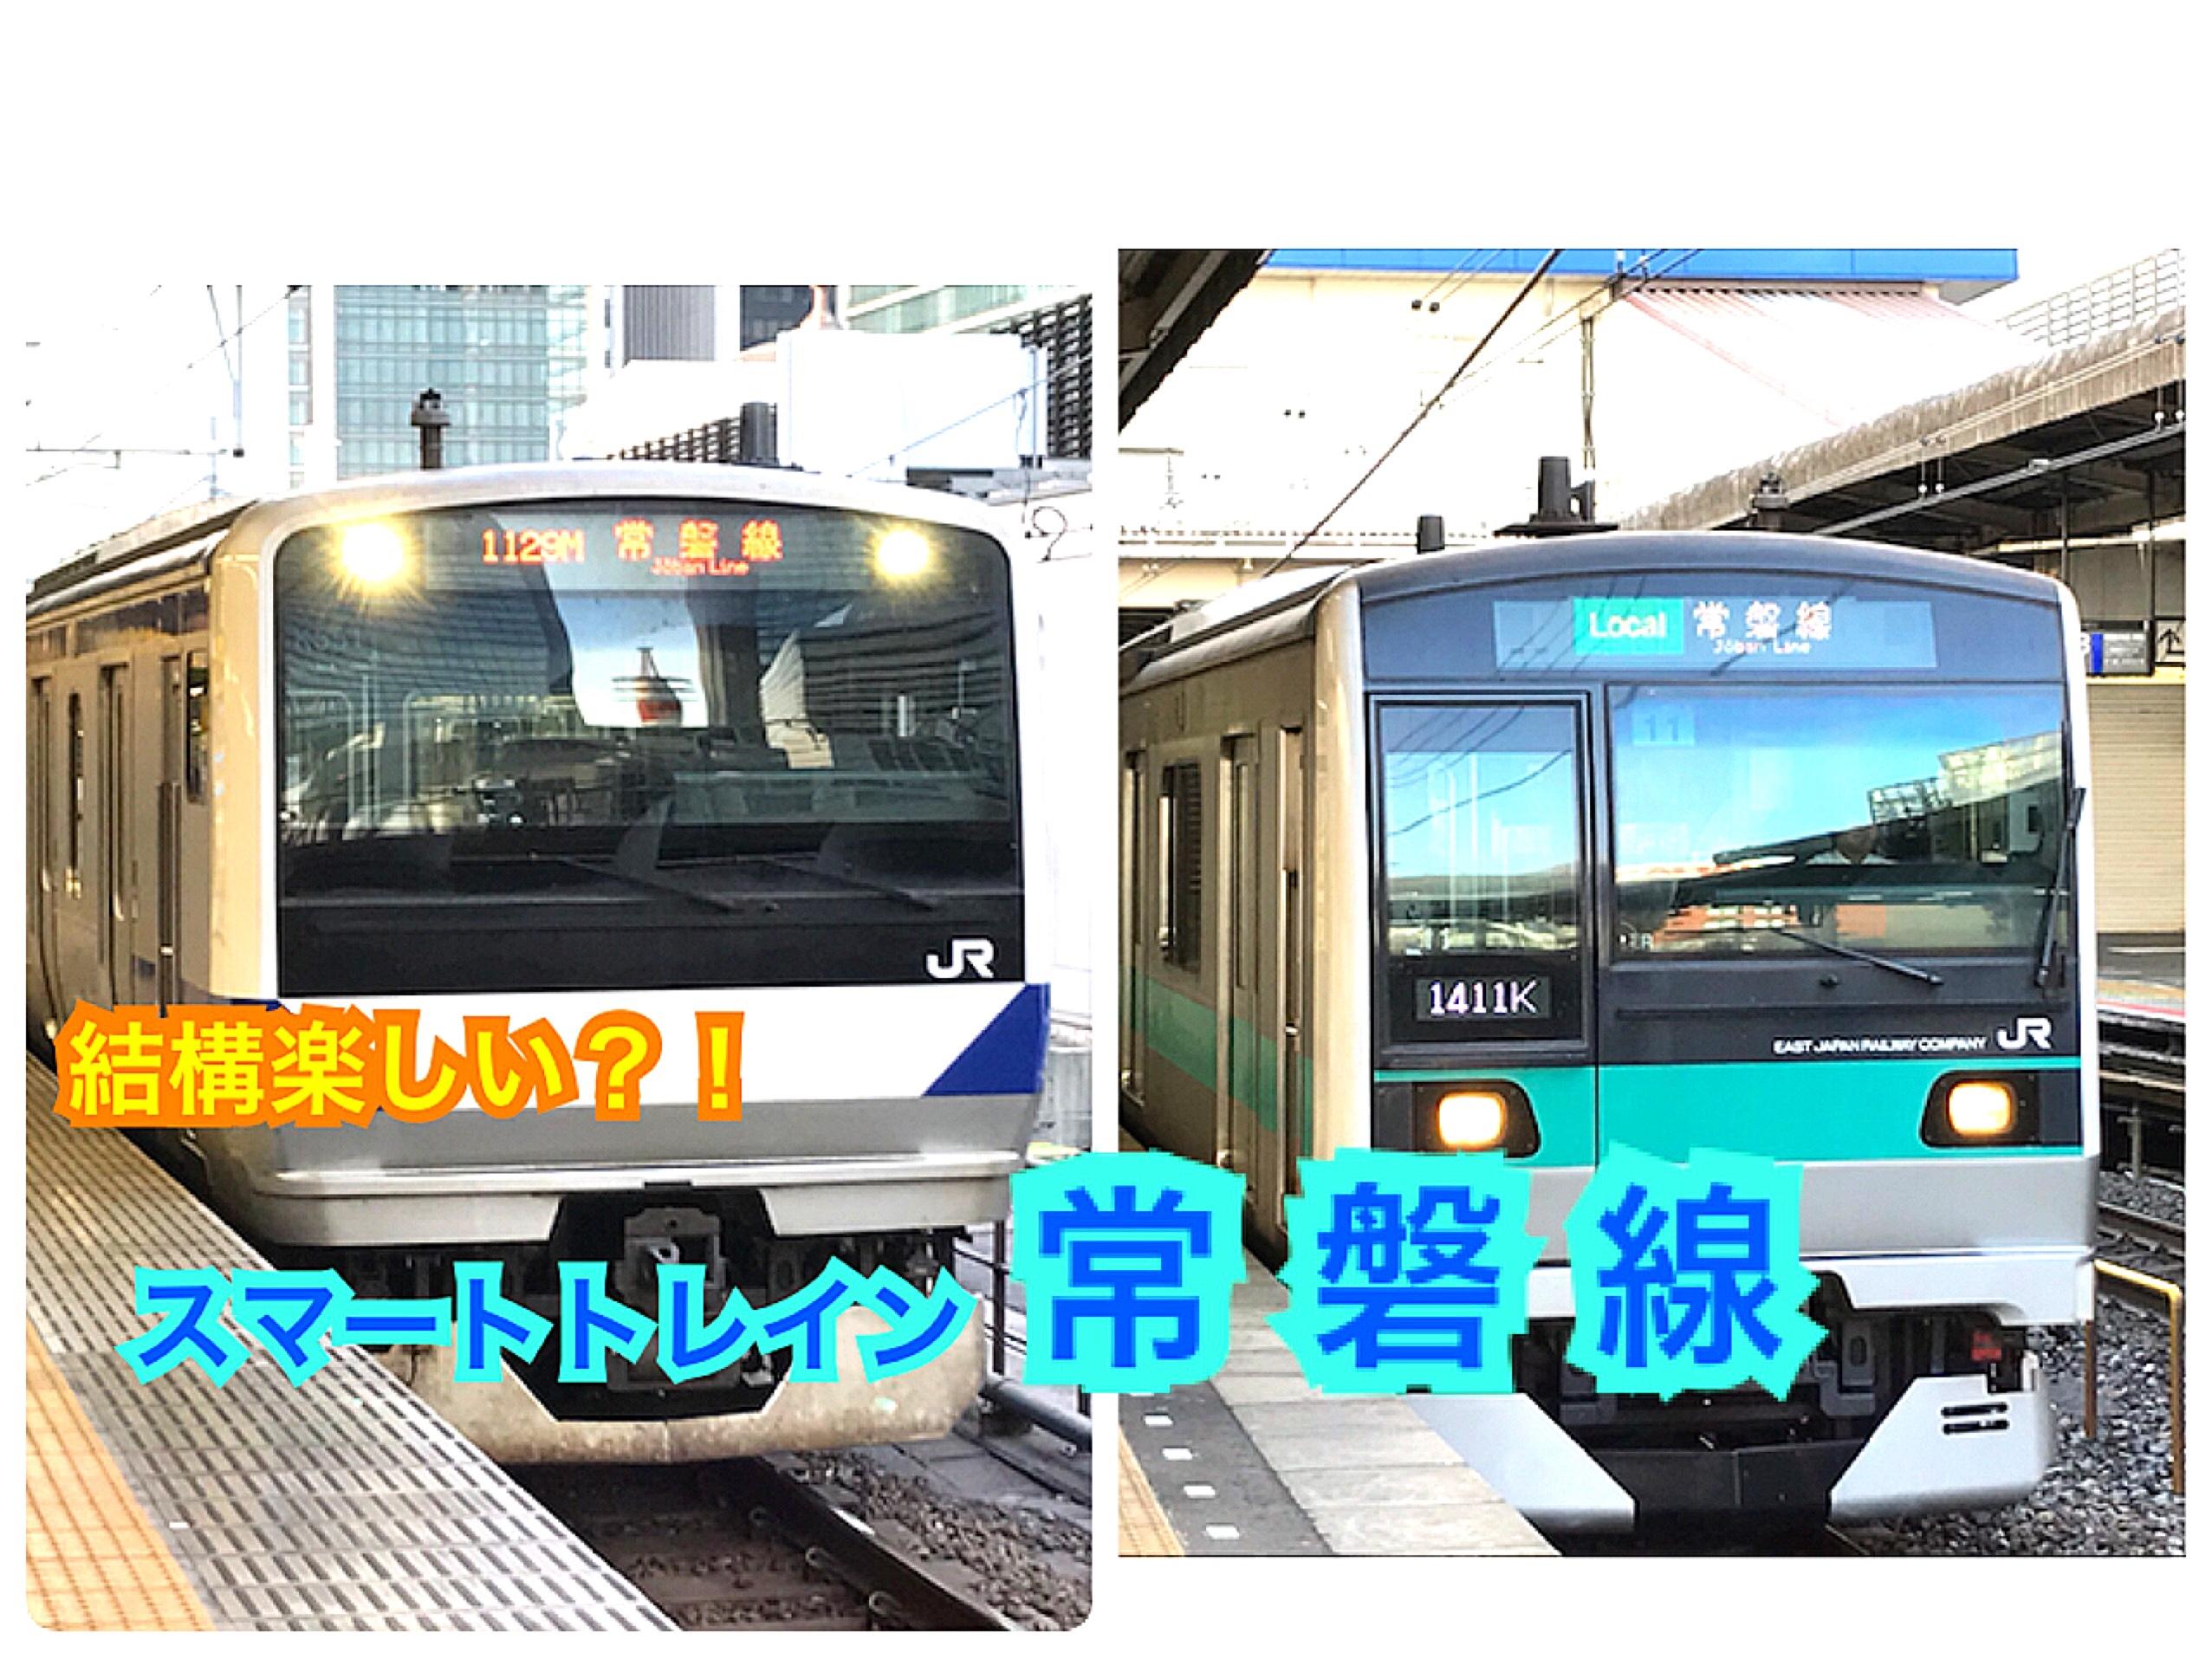 意外と楽しい?!常磐線乗車記【関東めぐり千葉編】